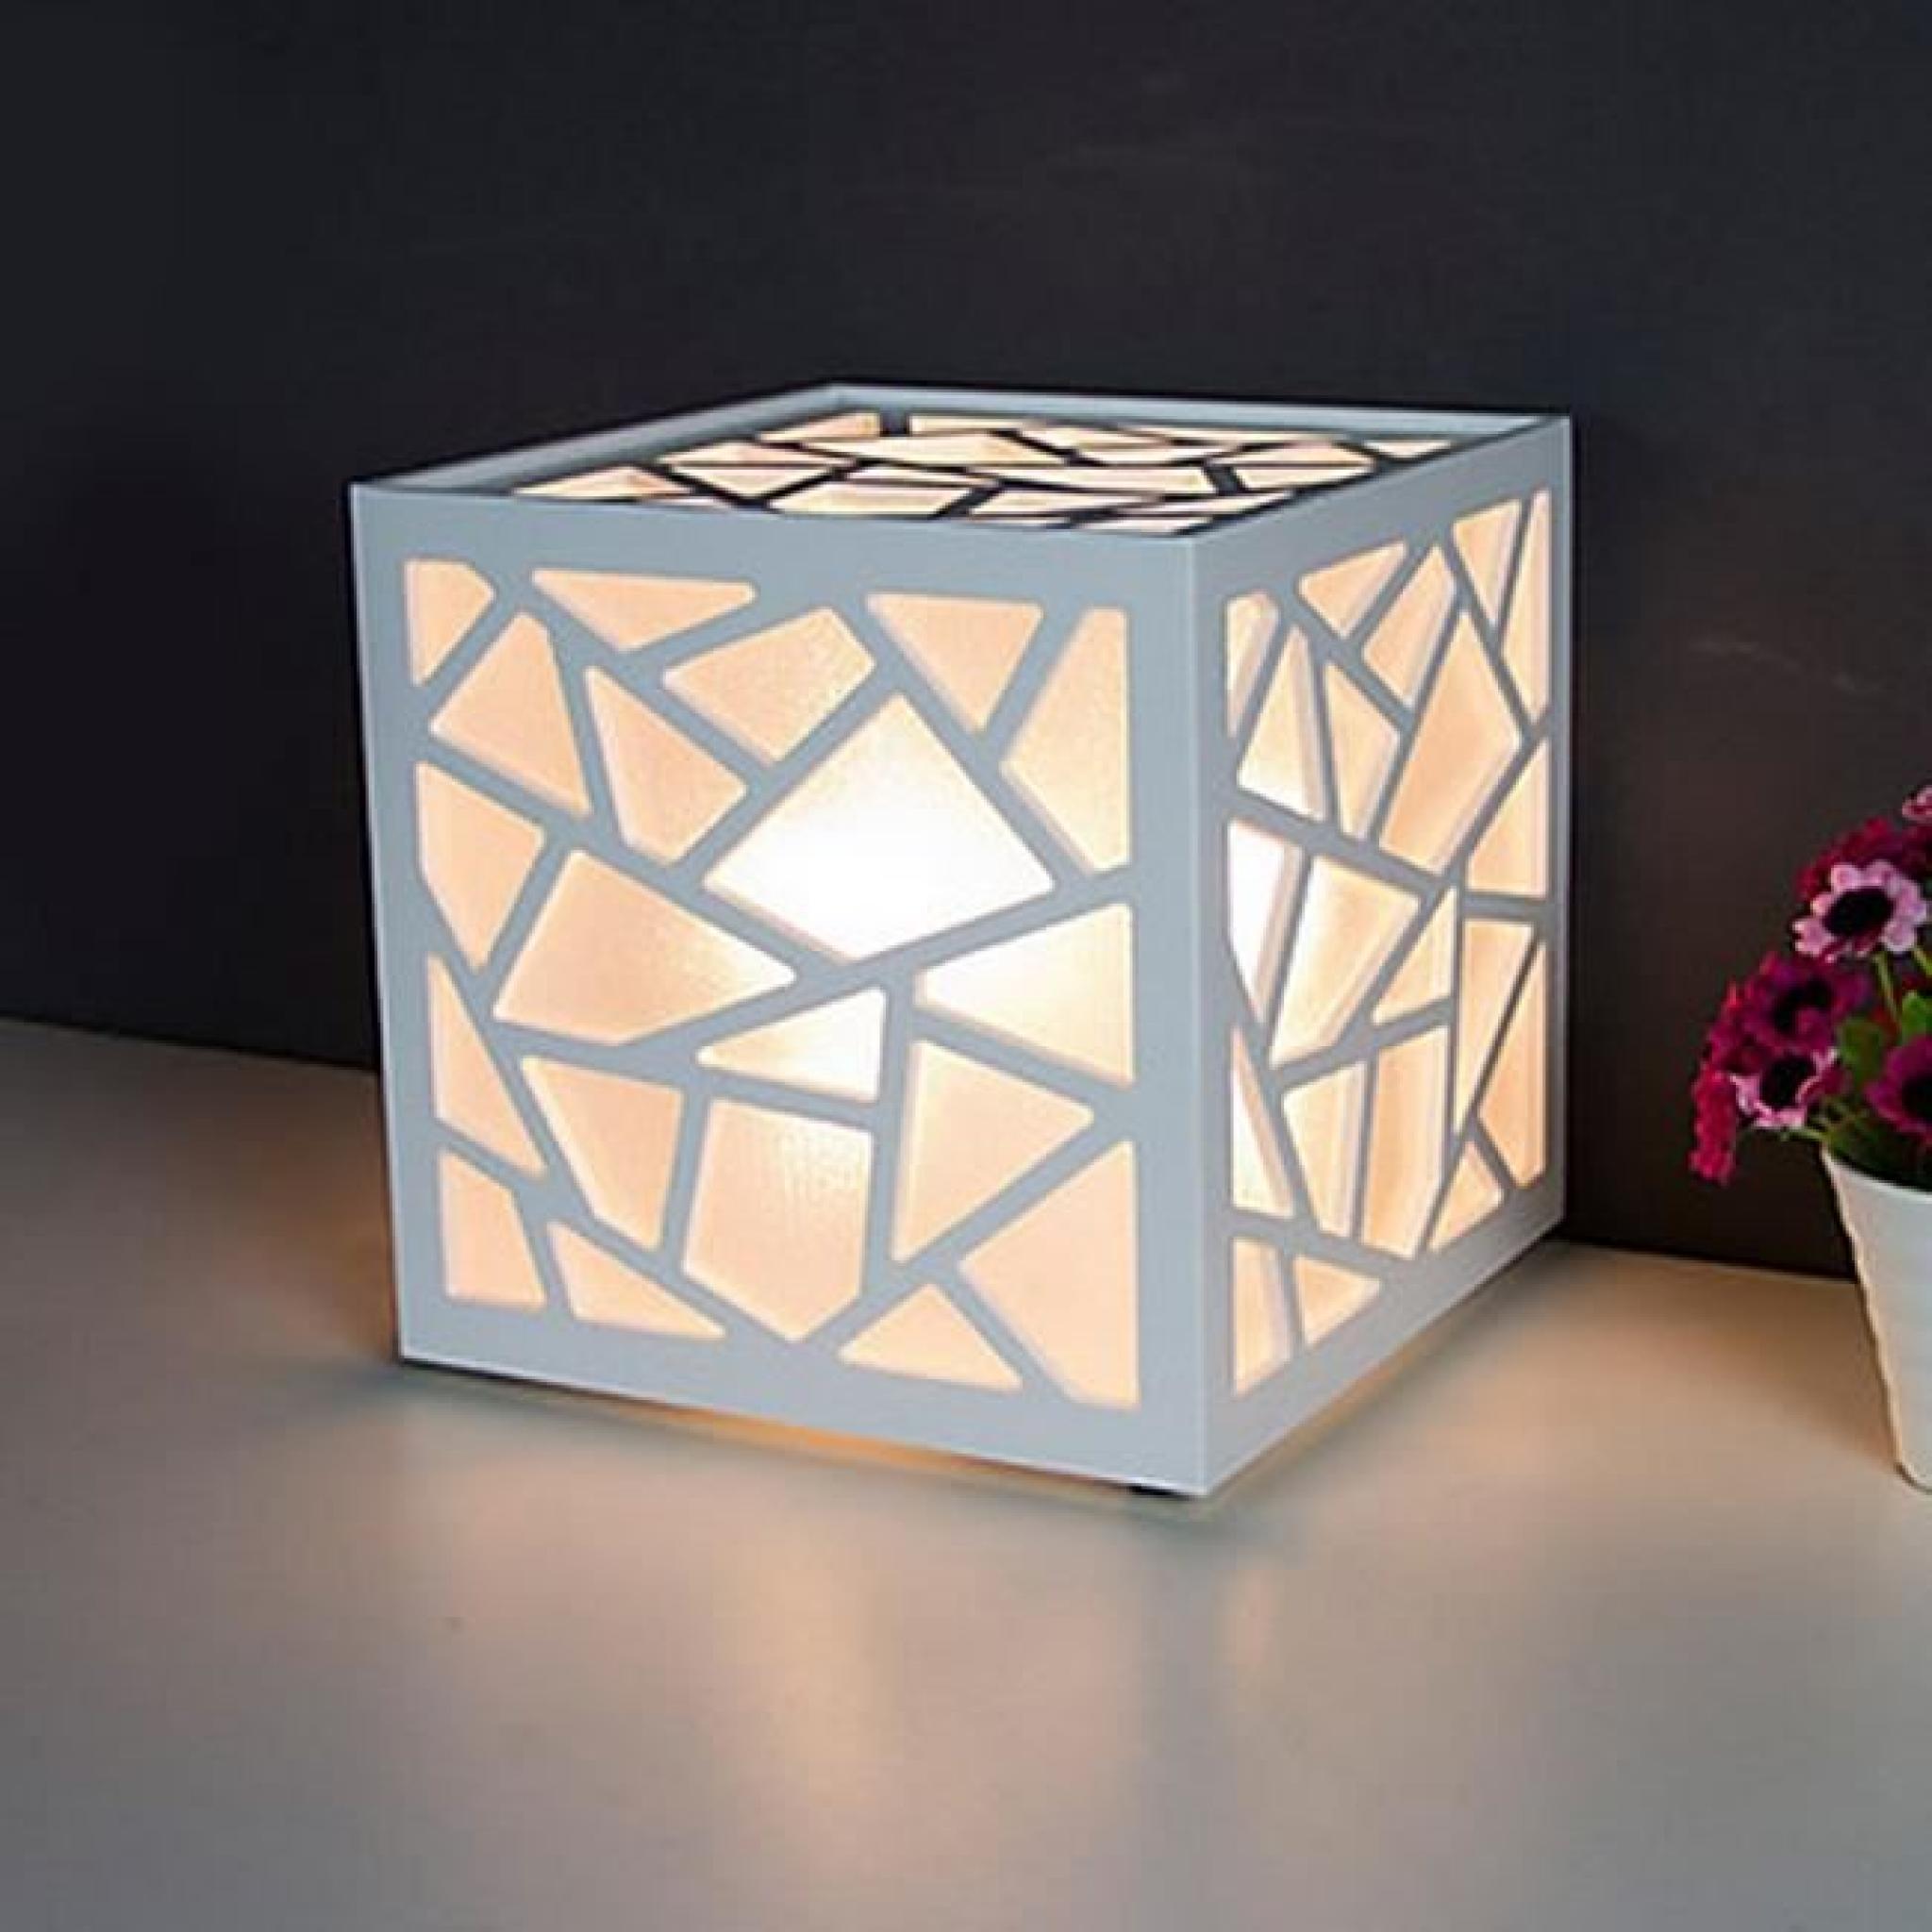 Lampe Design Moderne Tu Achat Vente Lampe A Poser Pas Cher Couleur Et